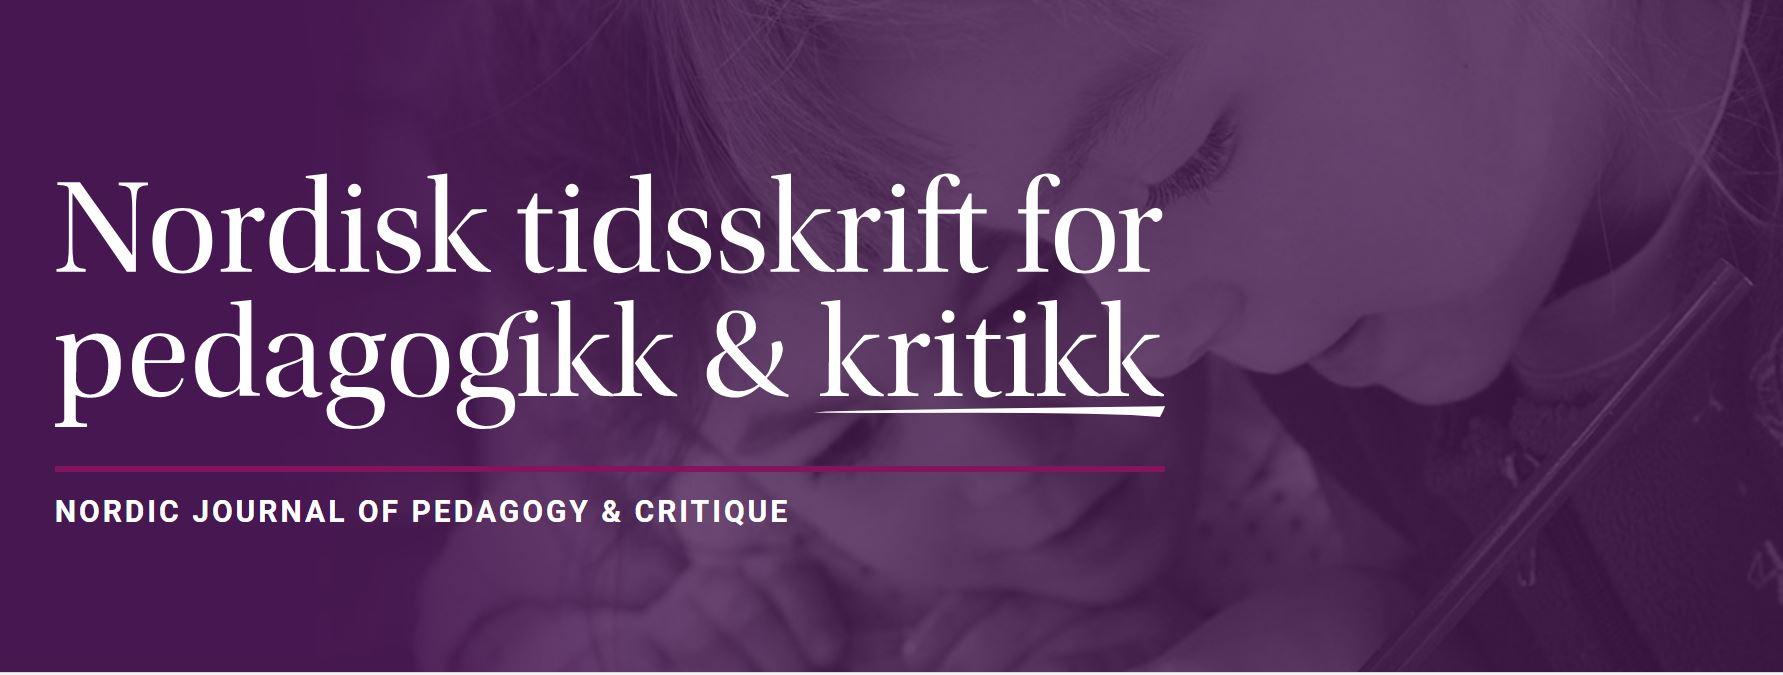 Banner for Nordisk tidsskrift for pedagogikk og kritikk